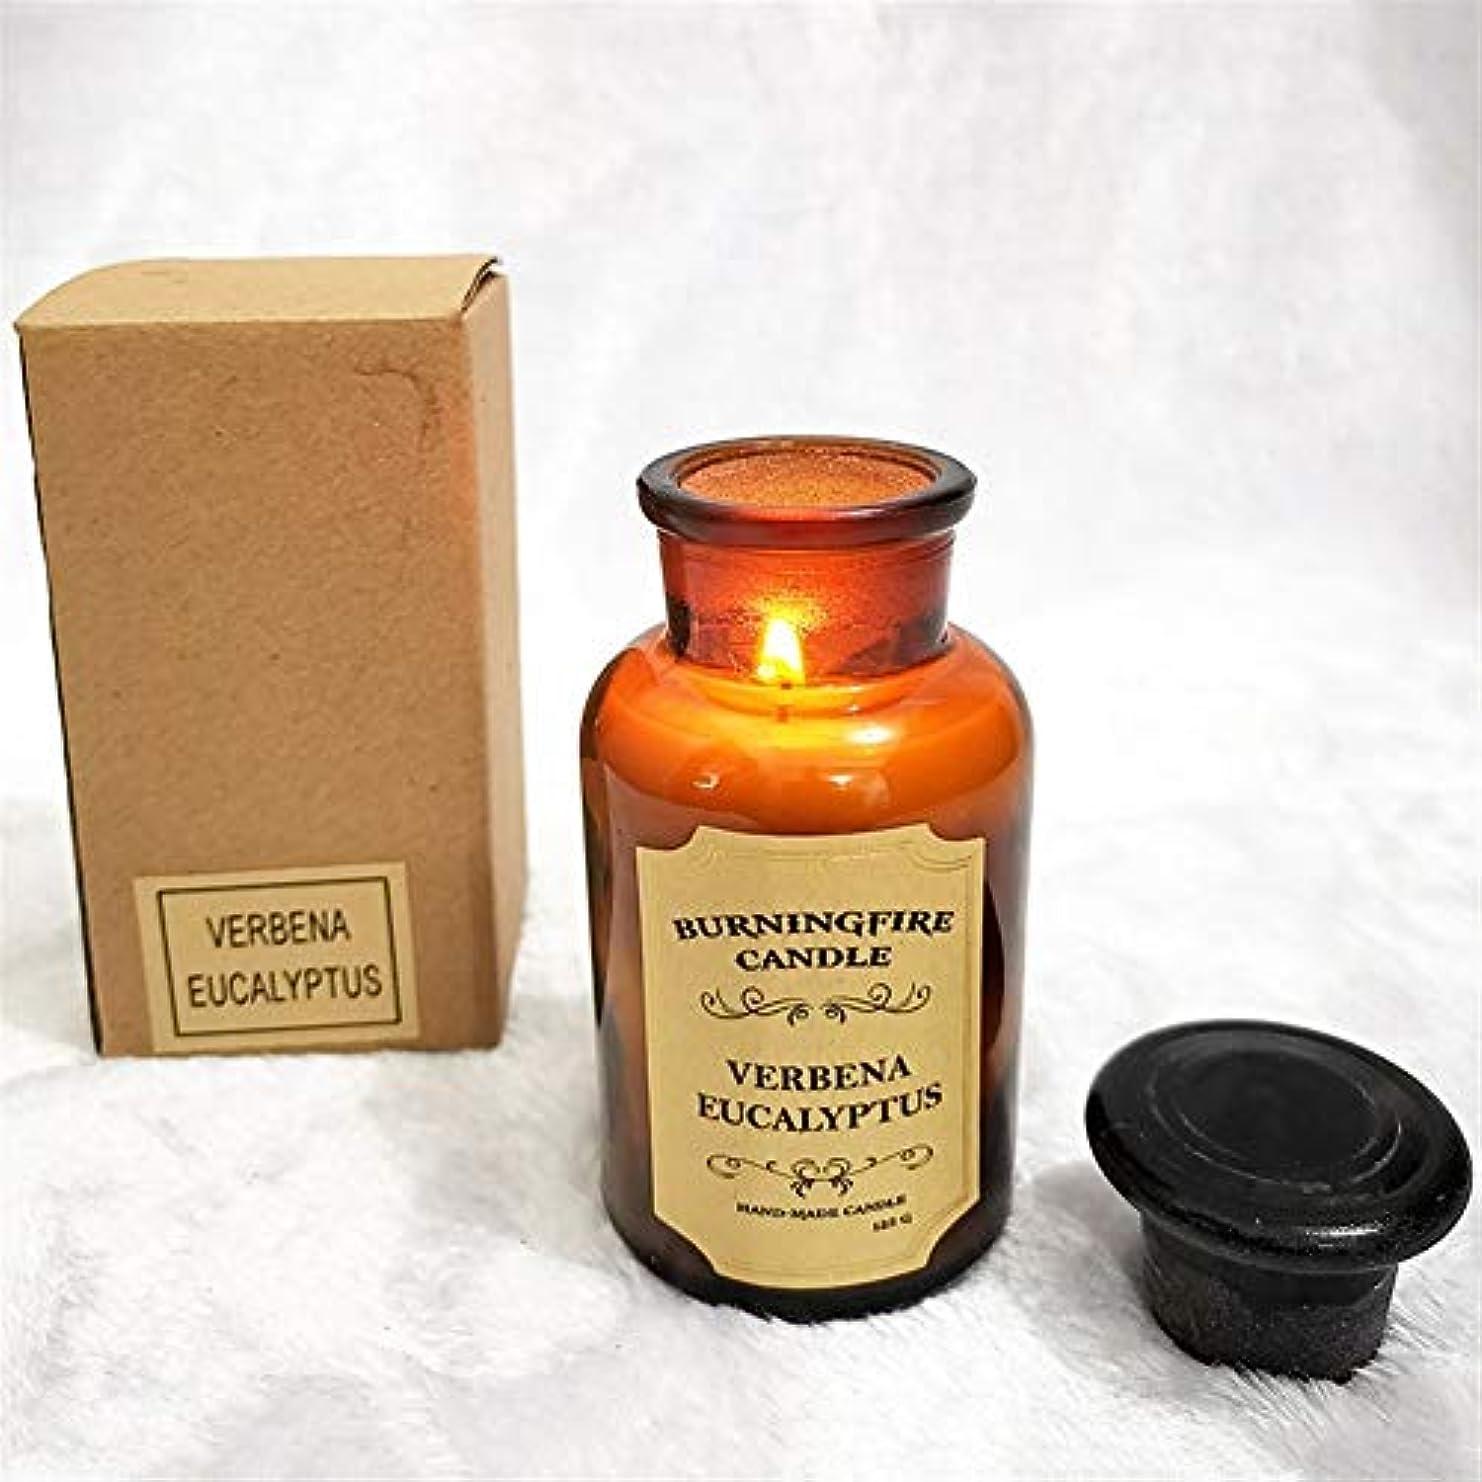 エージェント聞く混雑Guomao 香り手作りギフトガラスローソク足ロマンチックな香りのキャンドル香りのキャンドル誕生日キャンドル (色 : Orange peel)